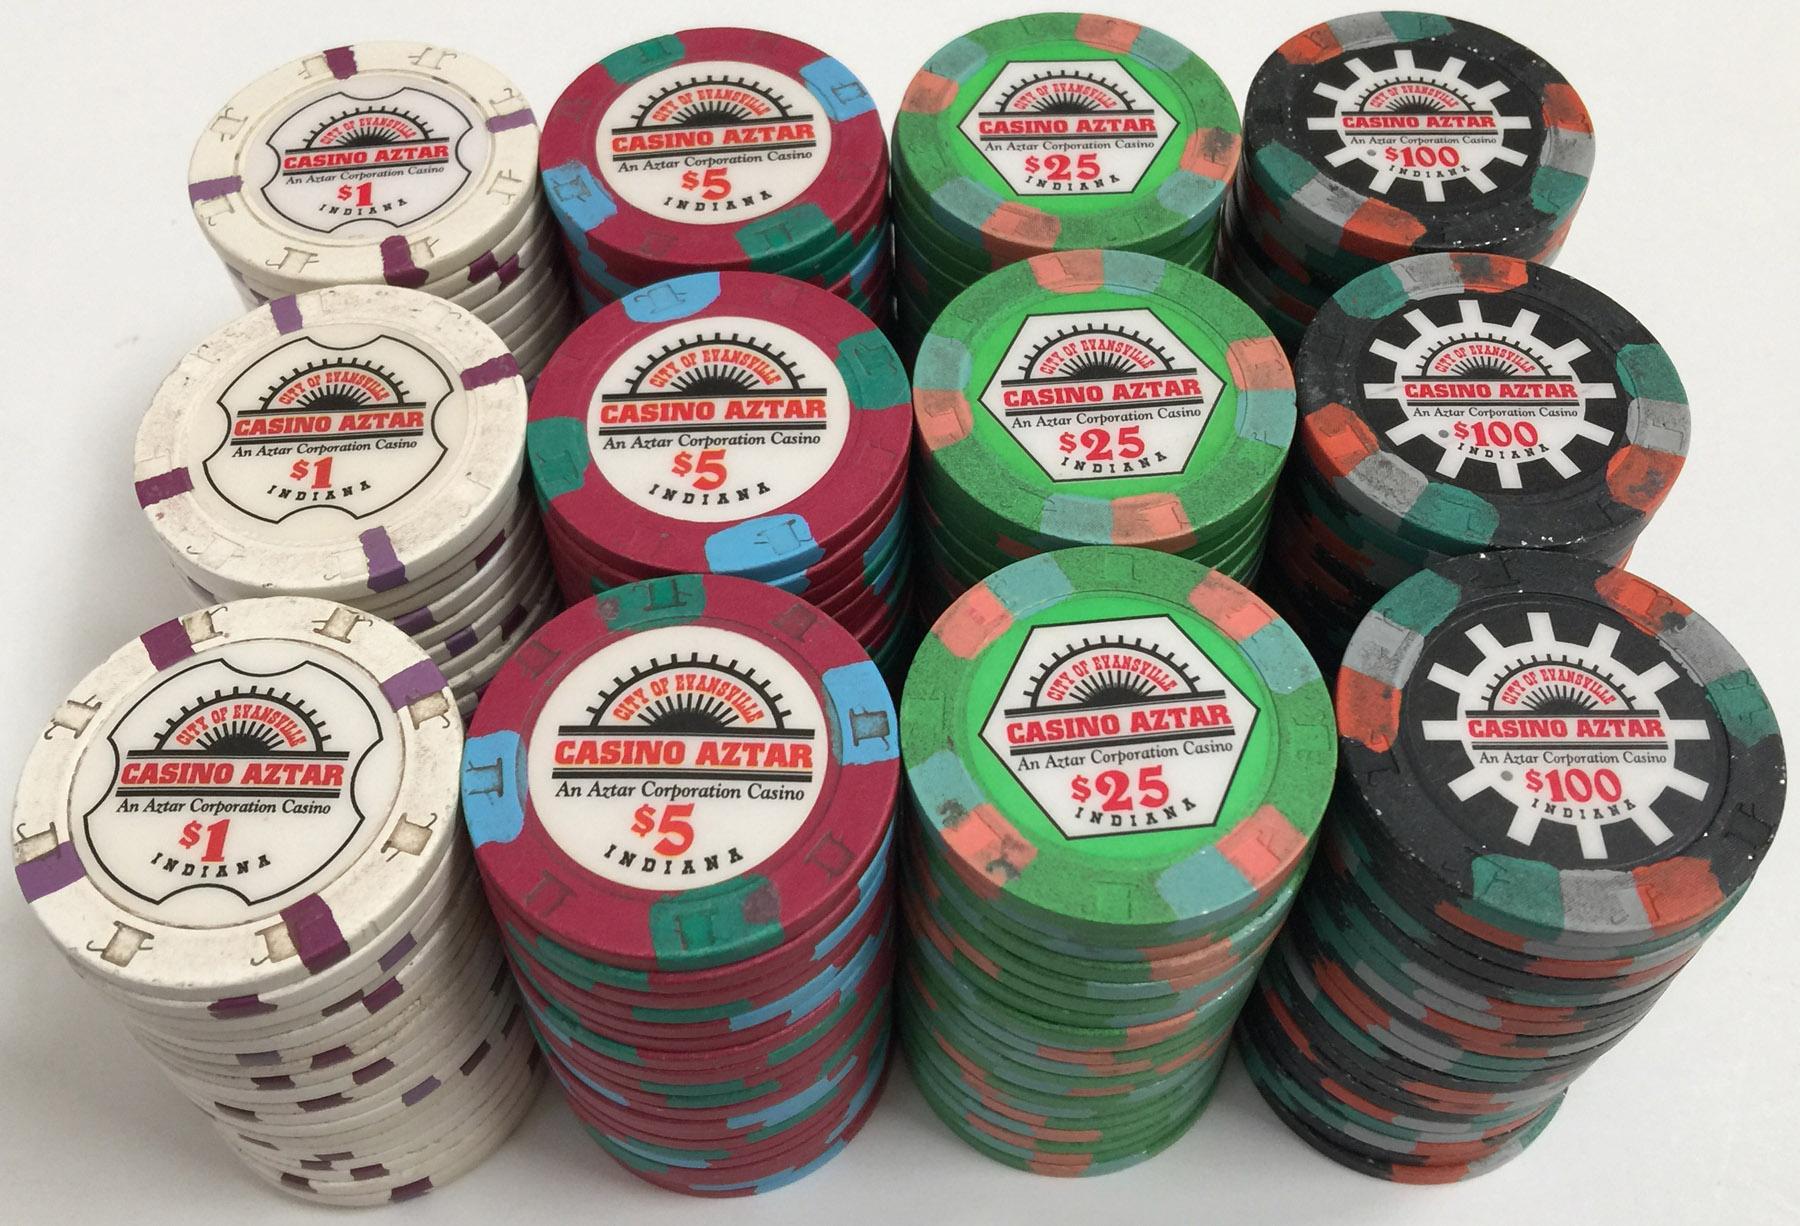 Casino aztar poker chips